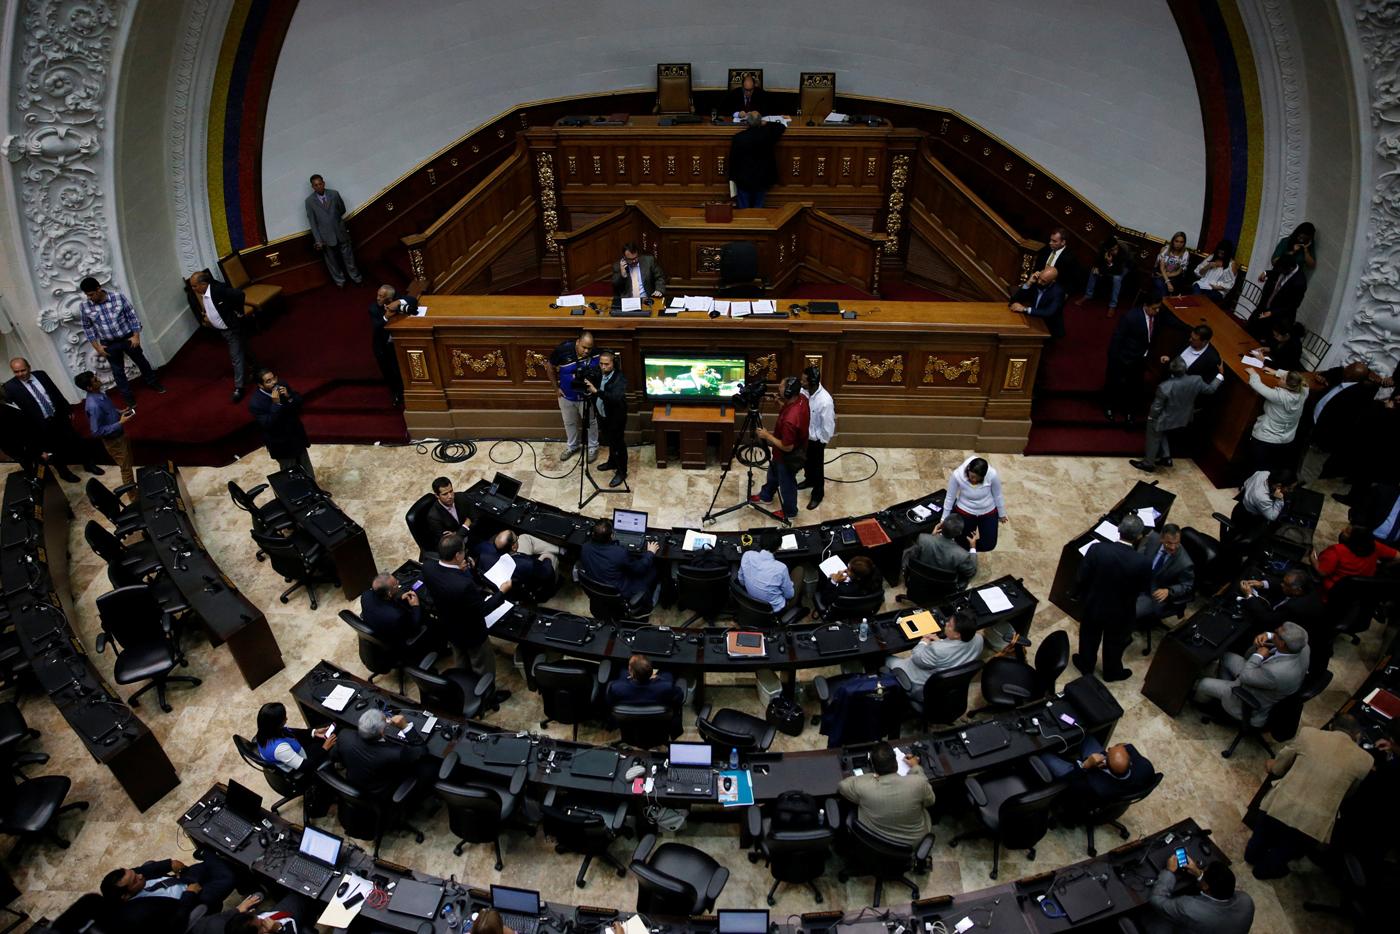 Imagen de la sesión ordinaria de la Asamblea Nacional realizada el martes 13 de junio de 2017. Foto: Reuters/Ivan Alvarado